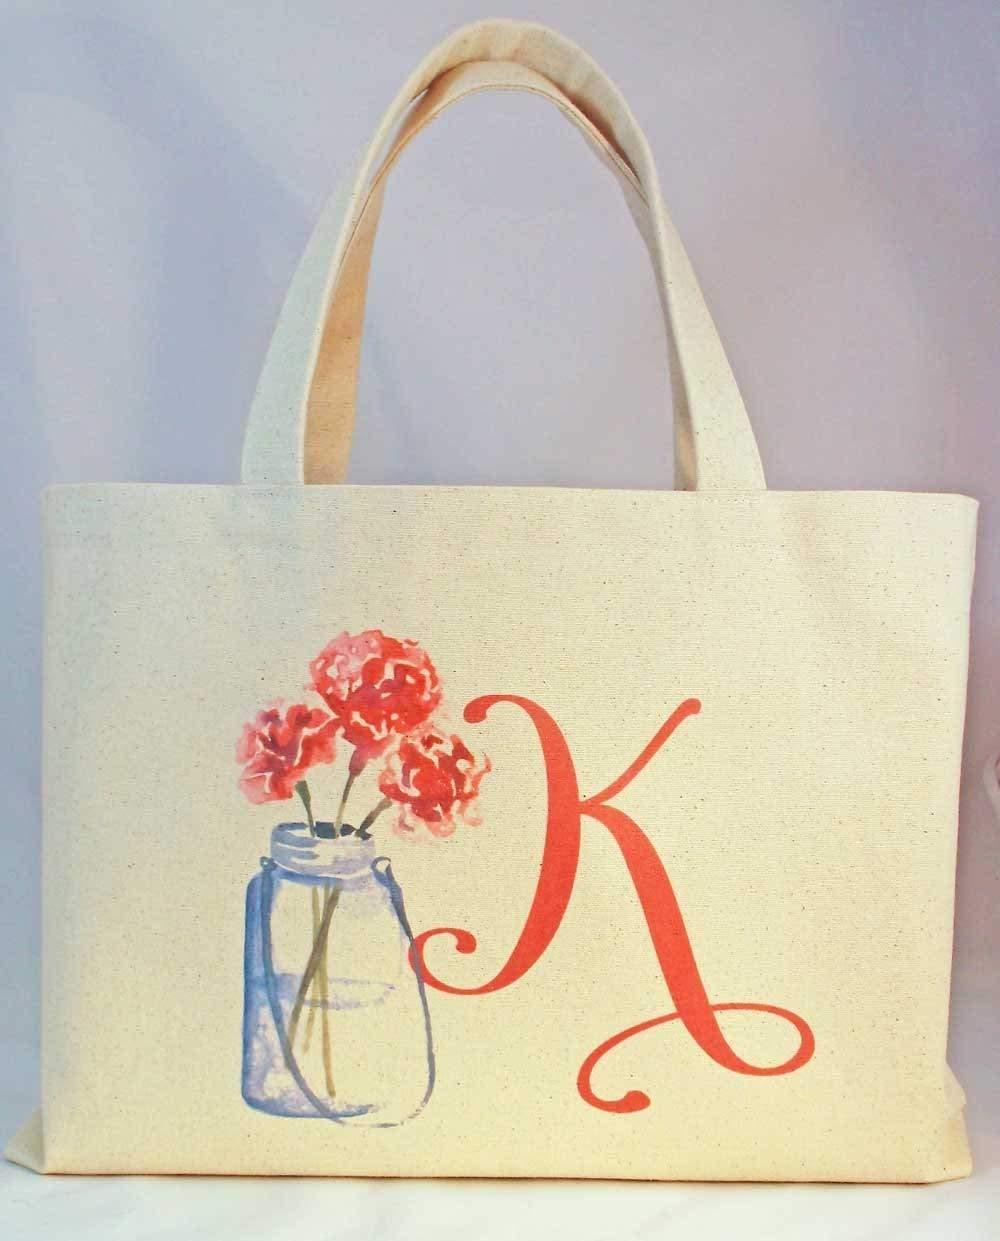 """Rustic Wedding Mason Jar Personalized Bridesmaid Beach Bag Tote, Bridesmaid Gift, Barn Wedding Welcome Gift Bag, Personalized canvas bag, Size is 18"""" wide and 11.25"""" tall with 10"""" drop handles"""